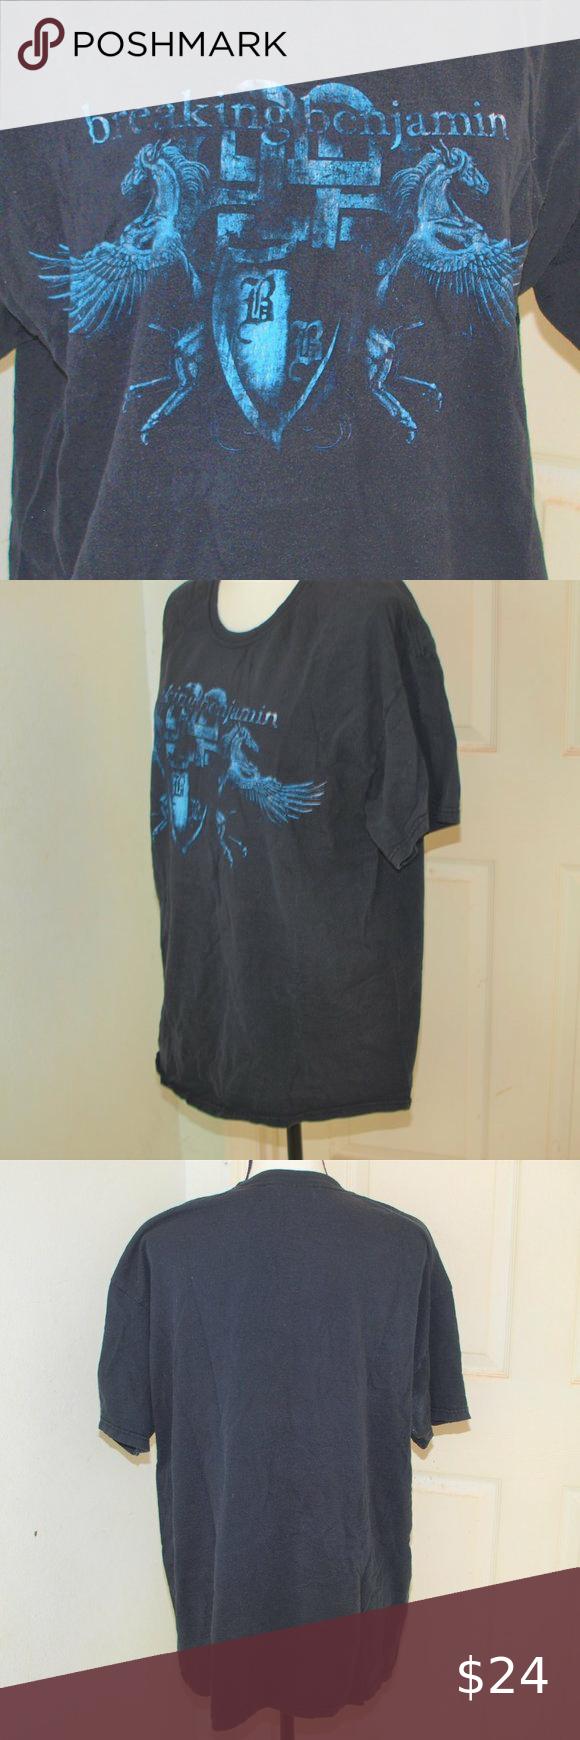 Breaking Benjamins Black Tee Shirt XL Breaking Benjamins Black Tee Shirt XL Hanes Shirts Tees - Short Sleeve